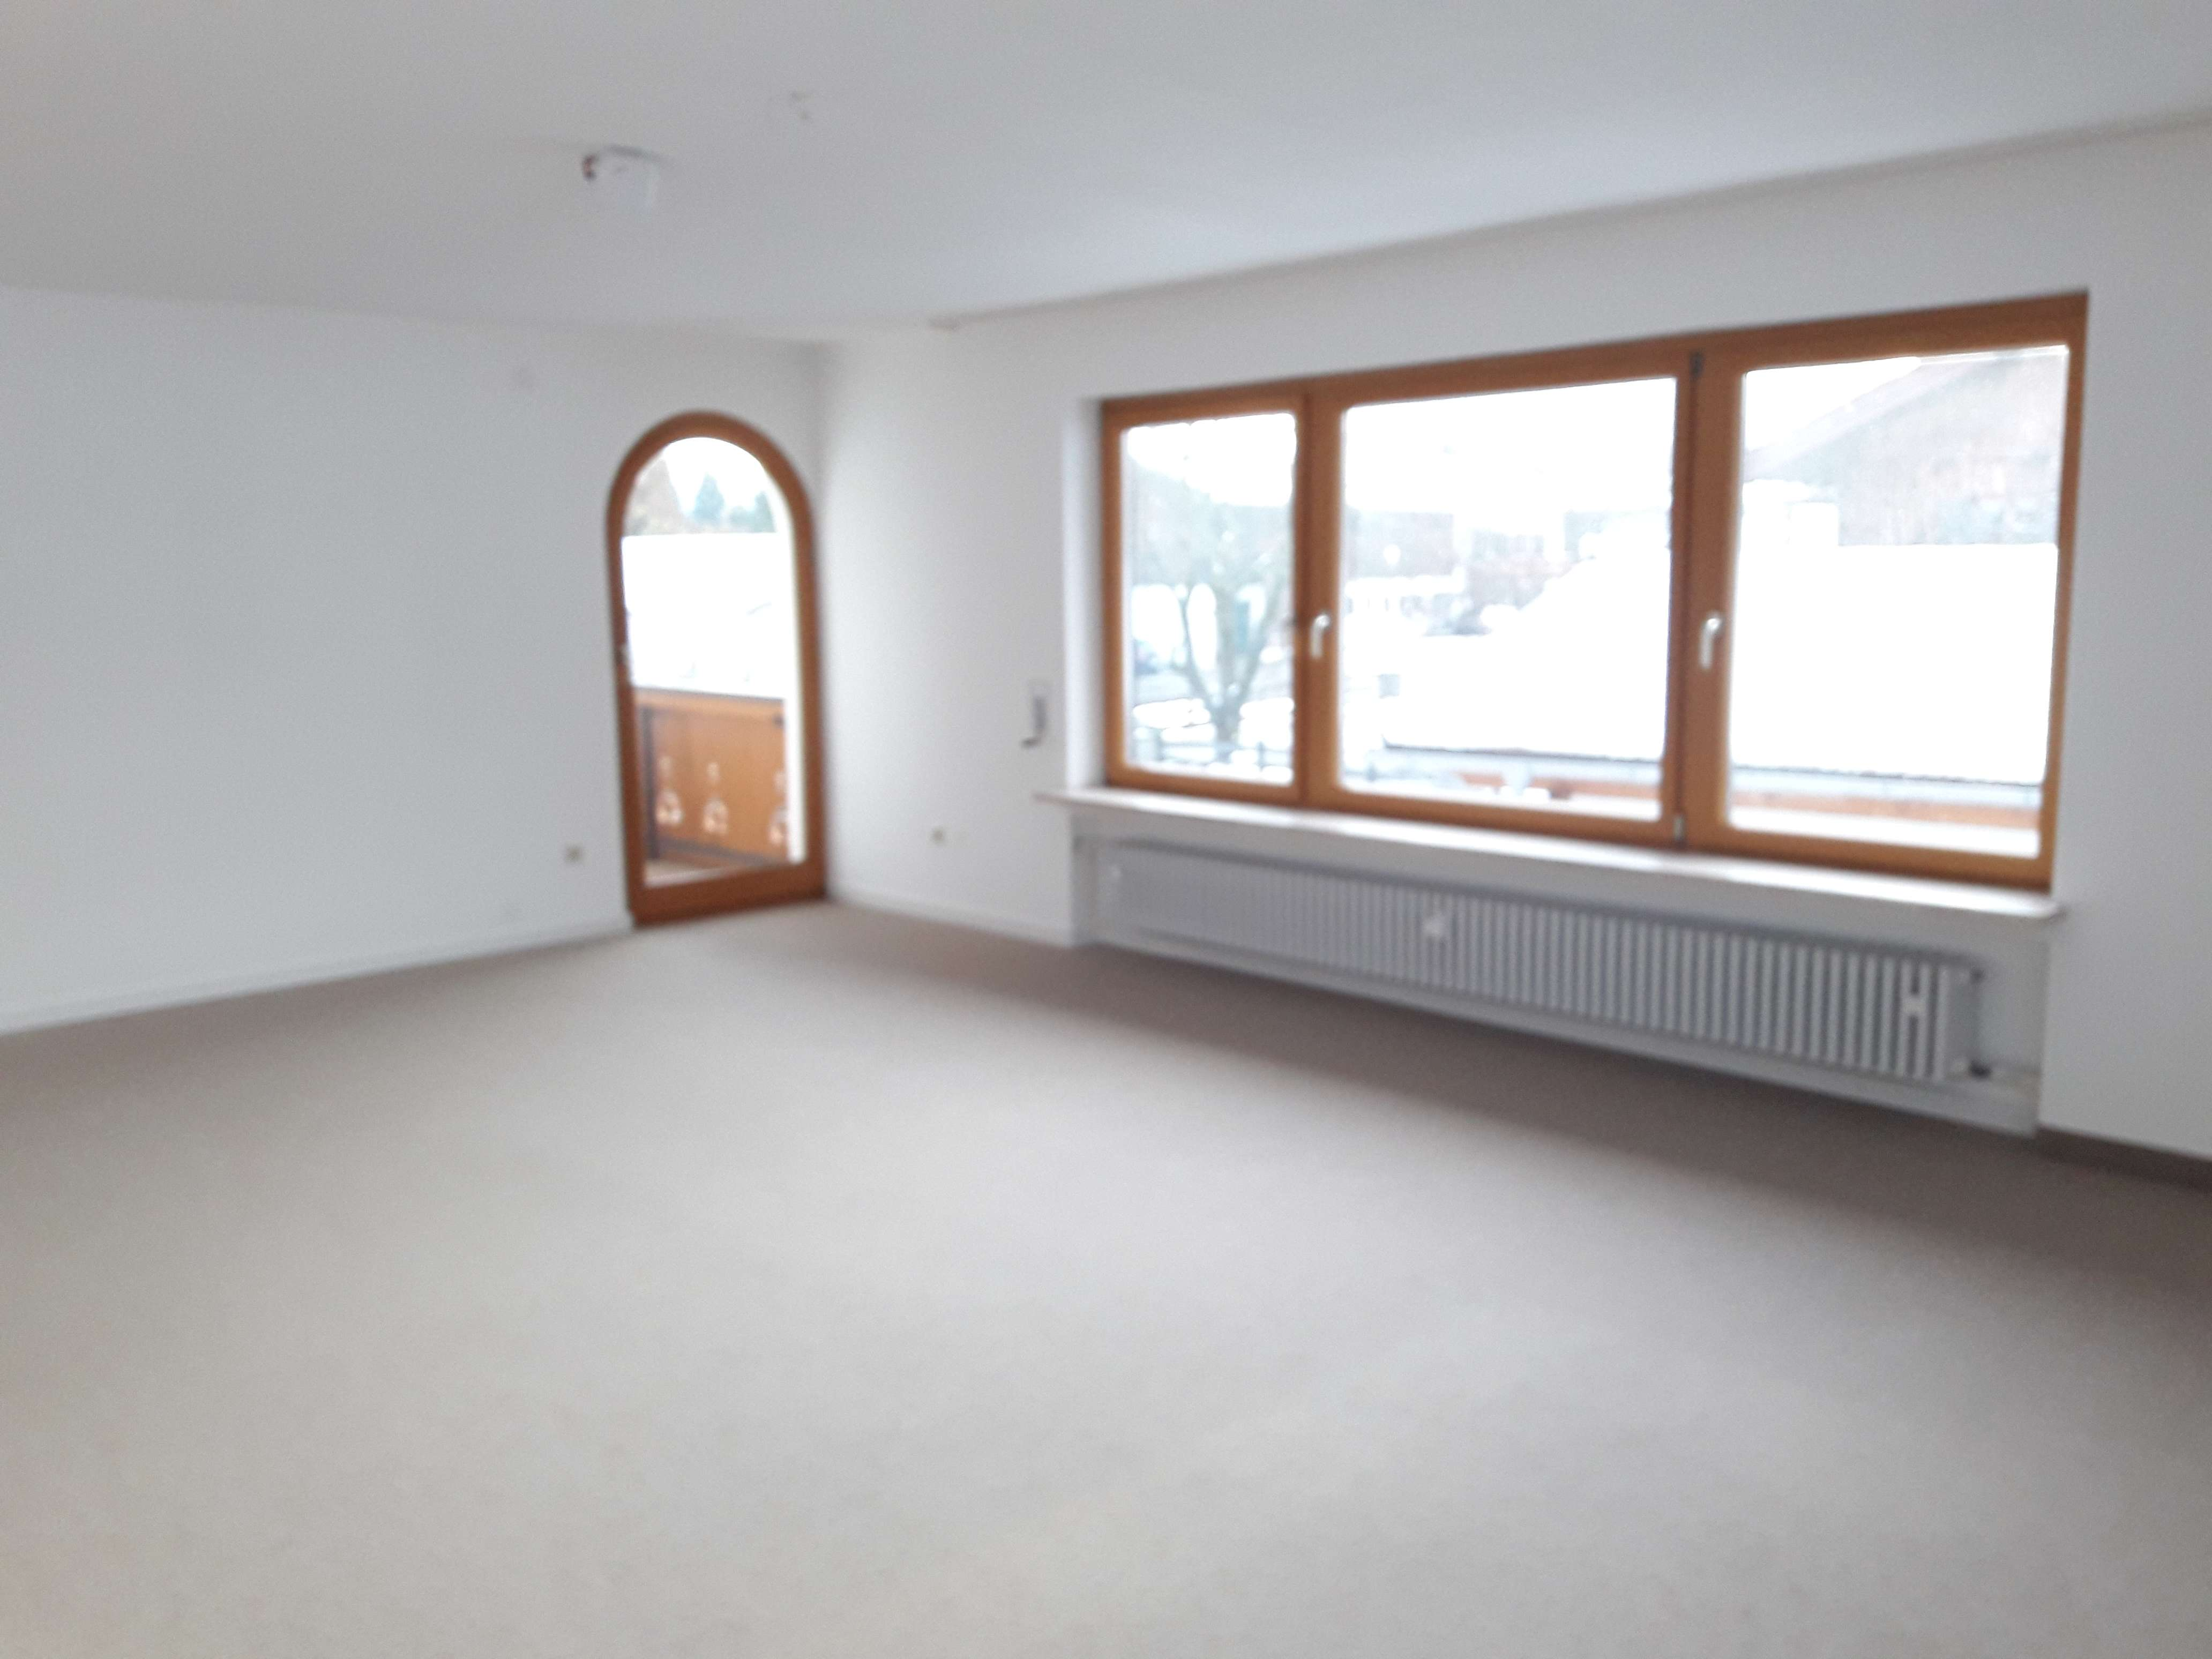 3-Zimmer-Wohnung mit Balkon und Gebirgsblick in Wallgau in Wallgau